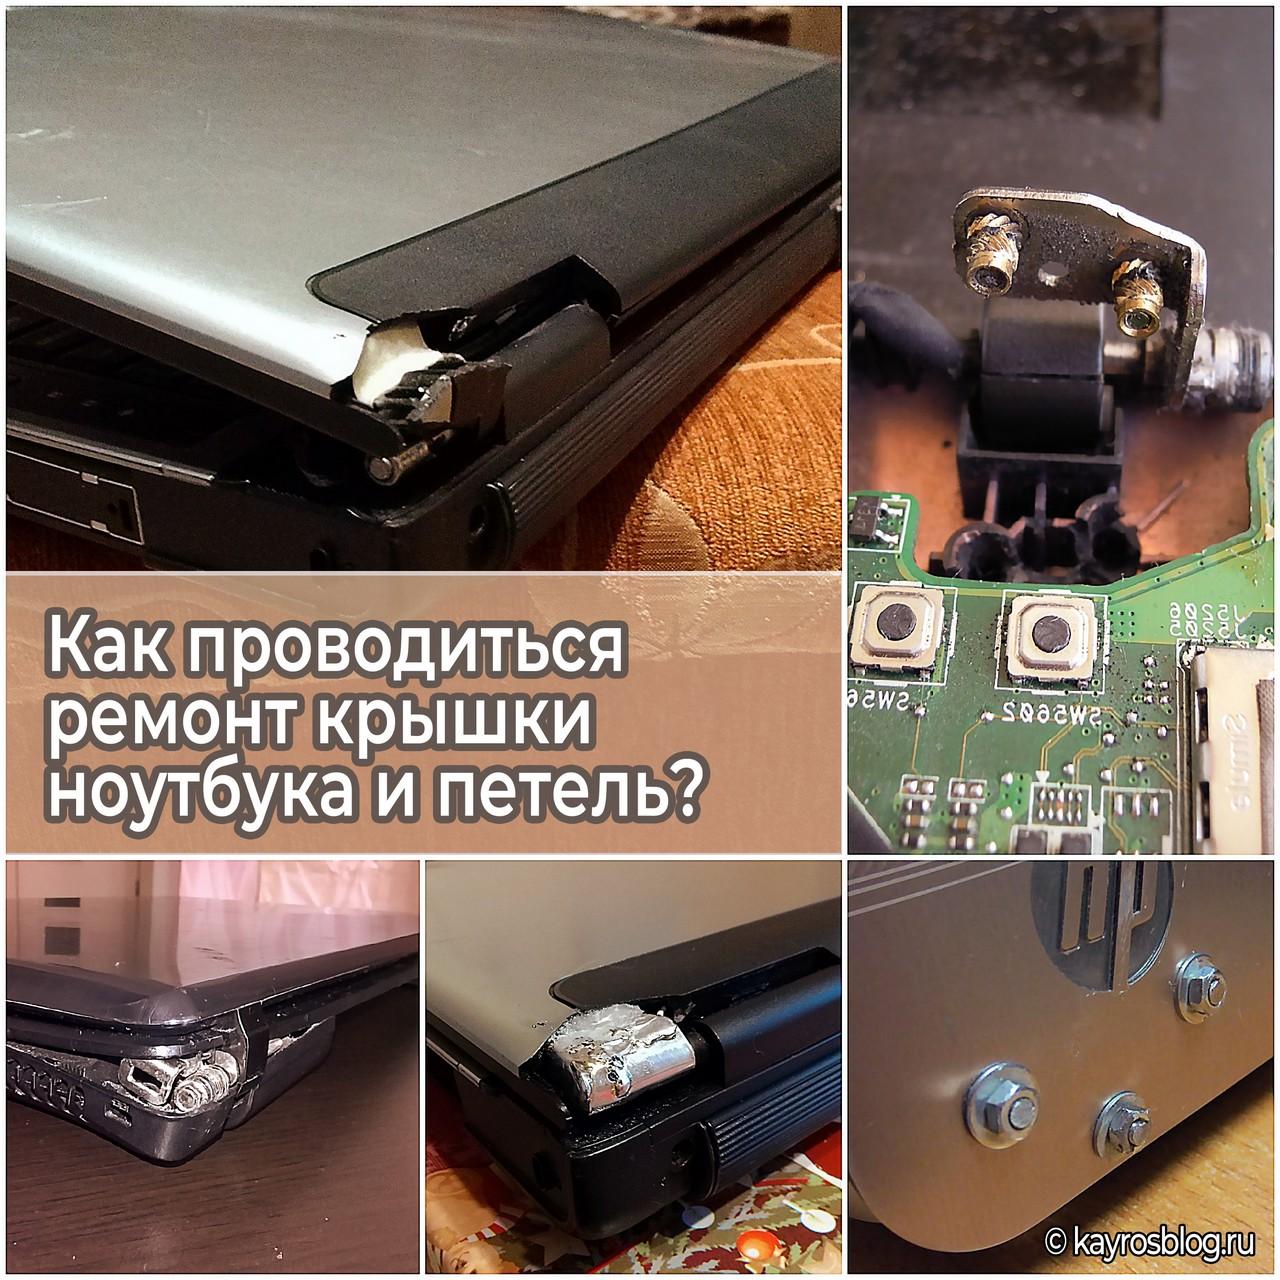 Как проводиться ремонт крышки ноутбука и петель?